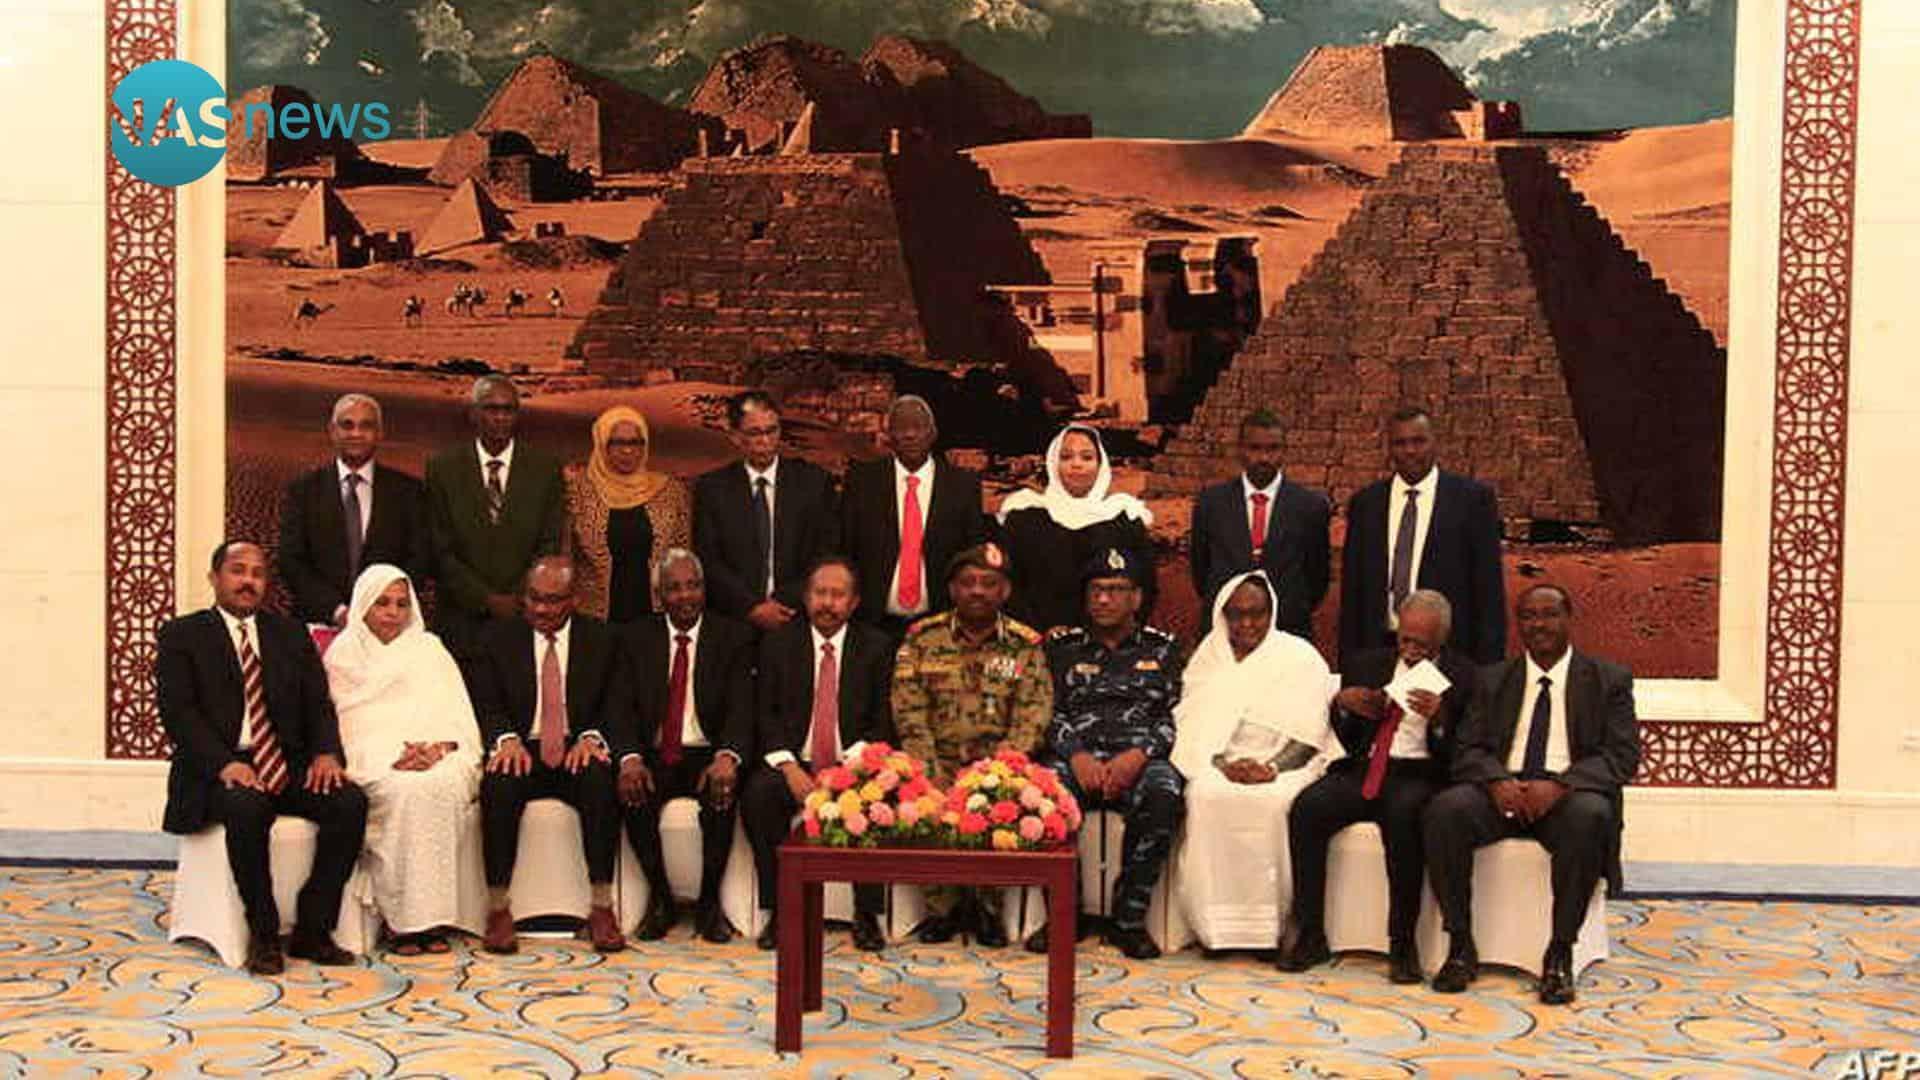 السودان يستعد للسلام بتعديلات في وزراء الحكومة الانتقالية